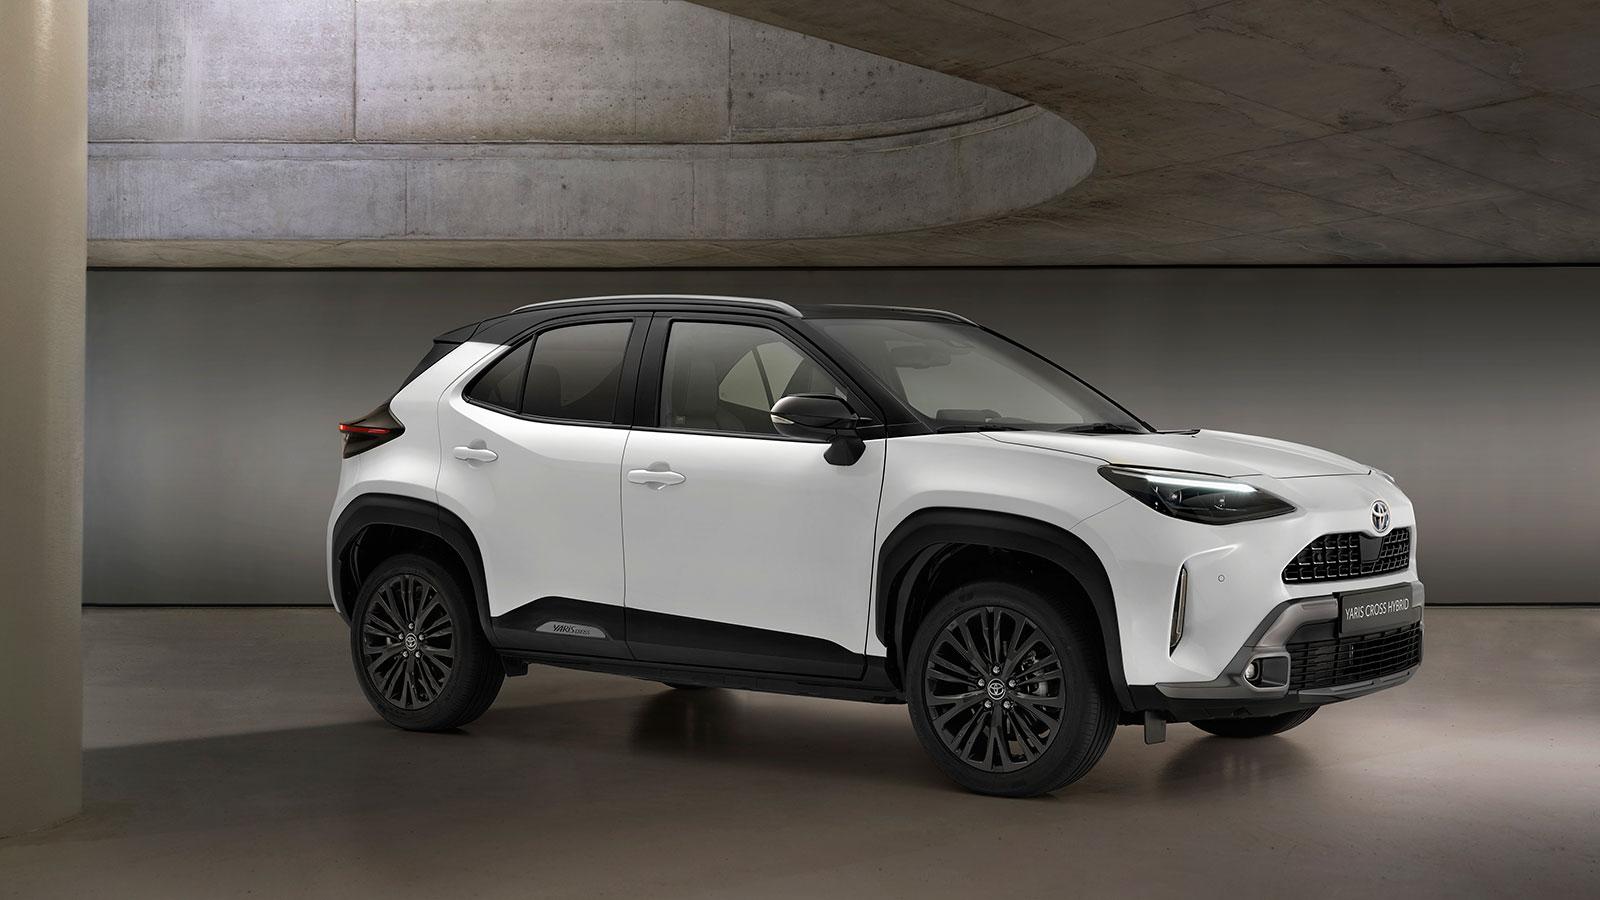 Η Toyota αναμένει μερίδιο αγοράς 8% με το Yaris Cross στην κατηγορία του